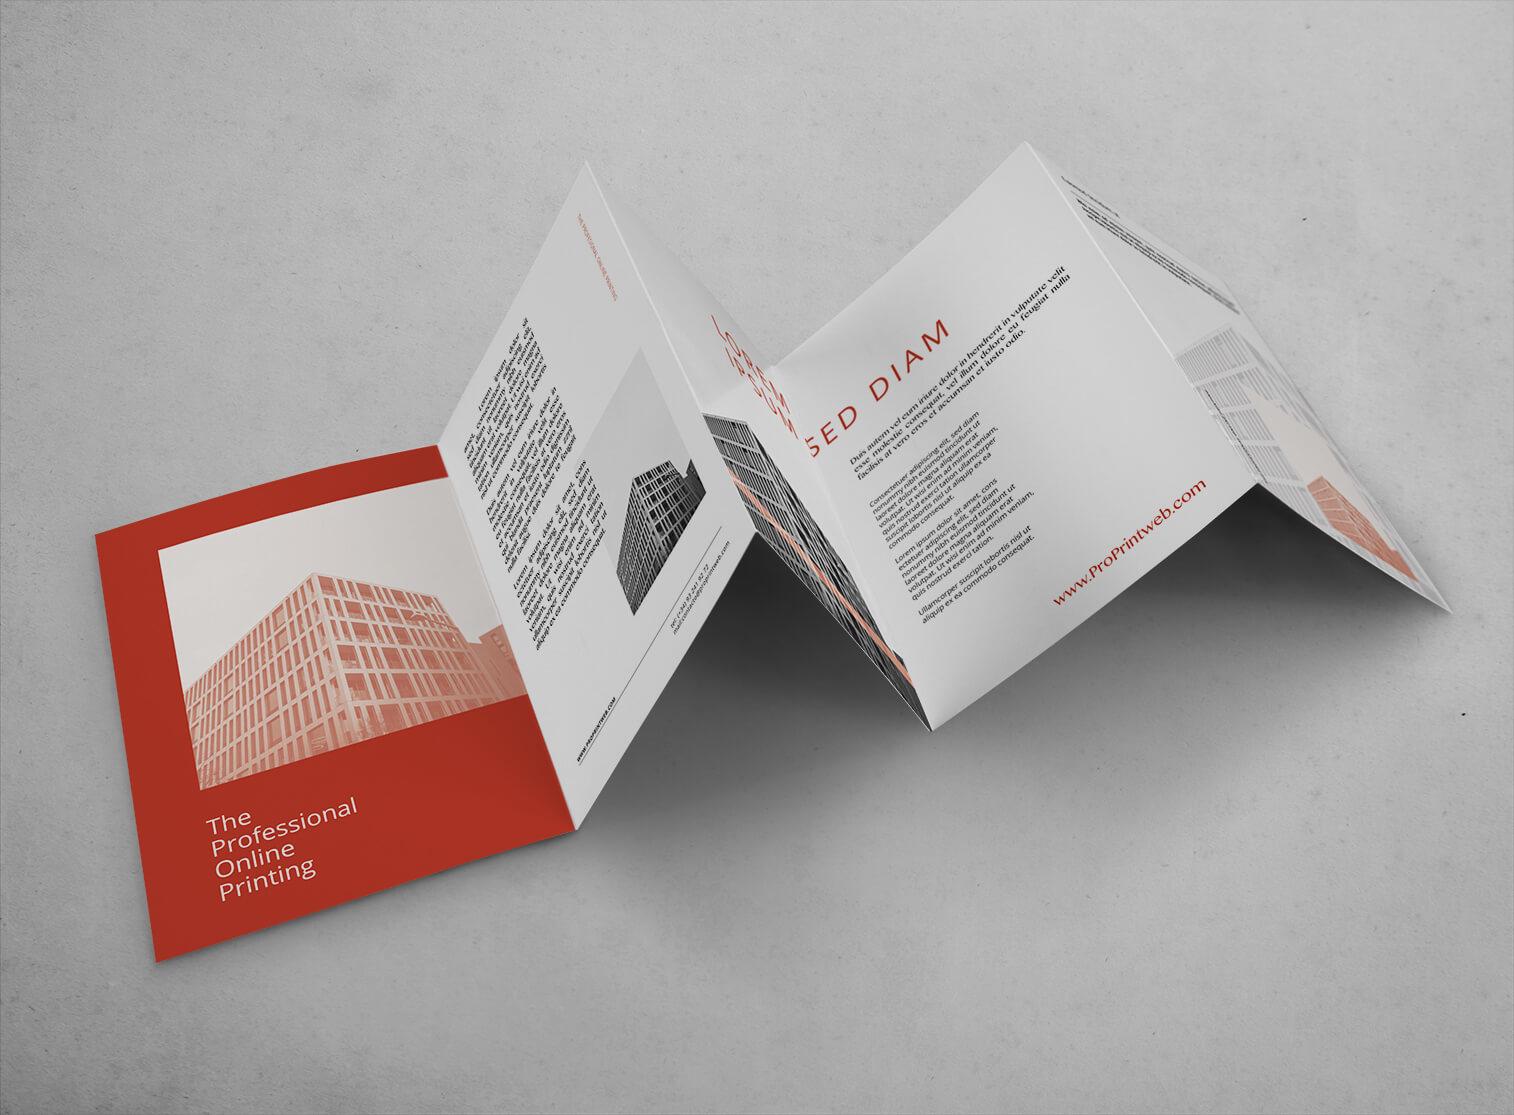 folleto cinco cuerpos acordeon abierto proprintweb